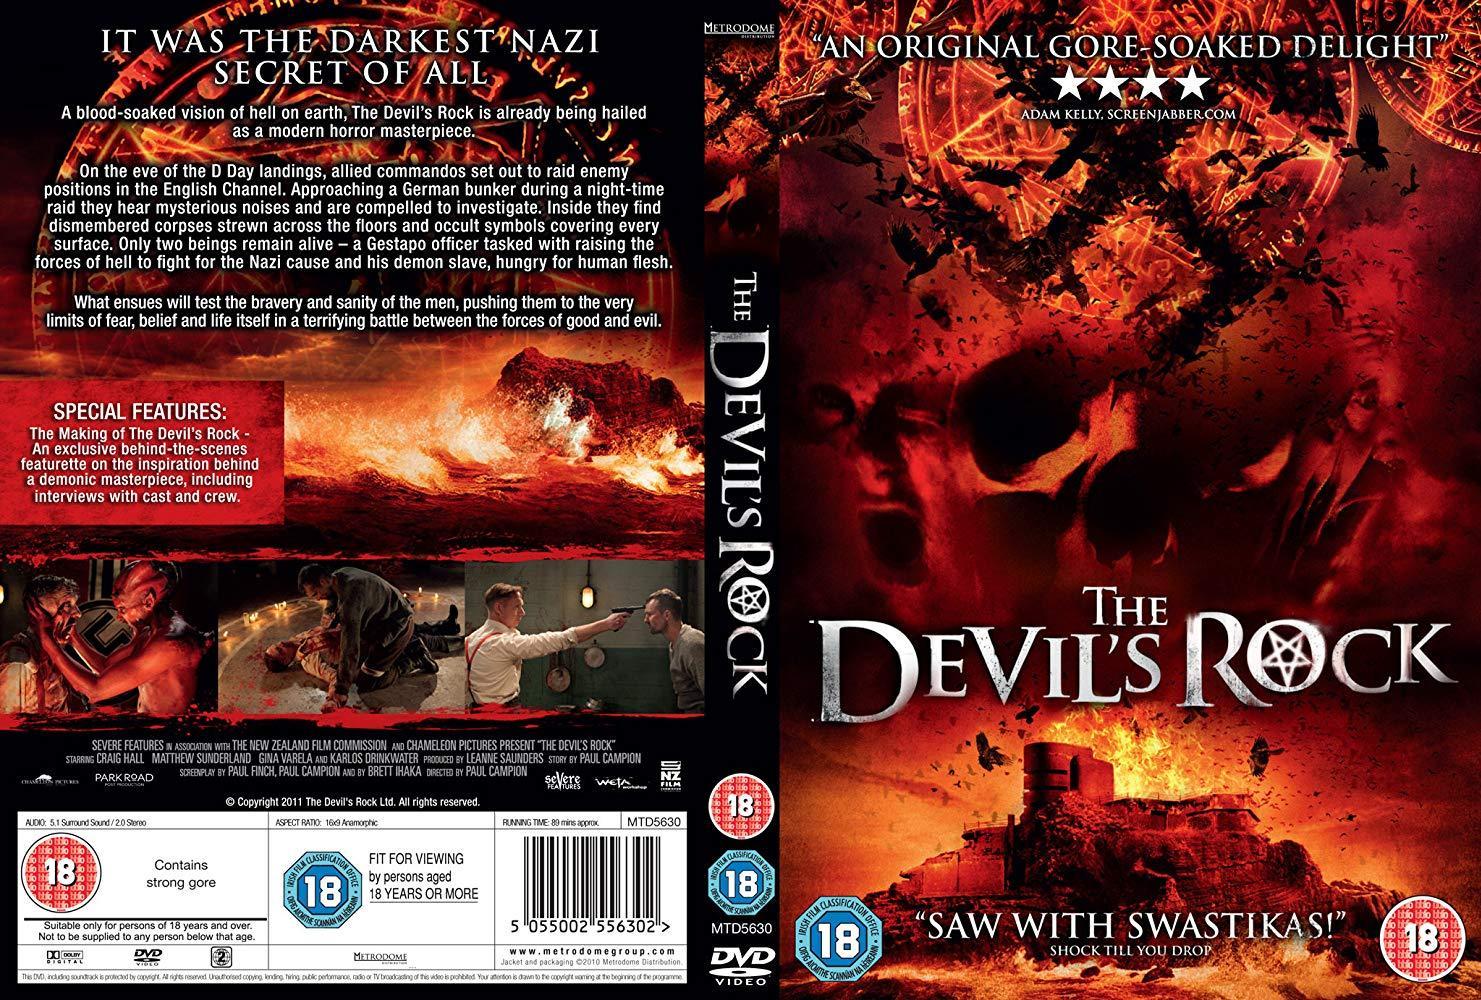 مشاهدة فيلم The Devils Rock 2011 HD مترجم كامل اون لاين